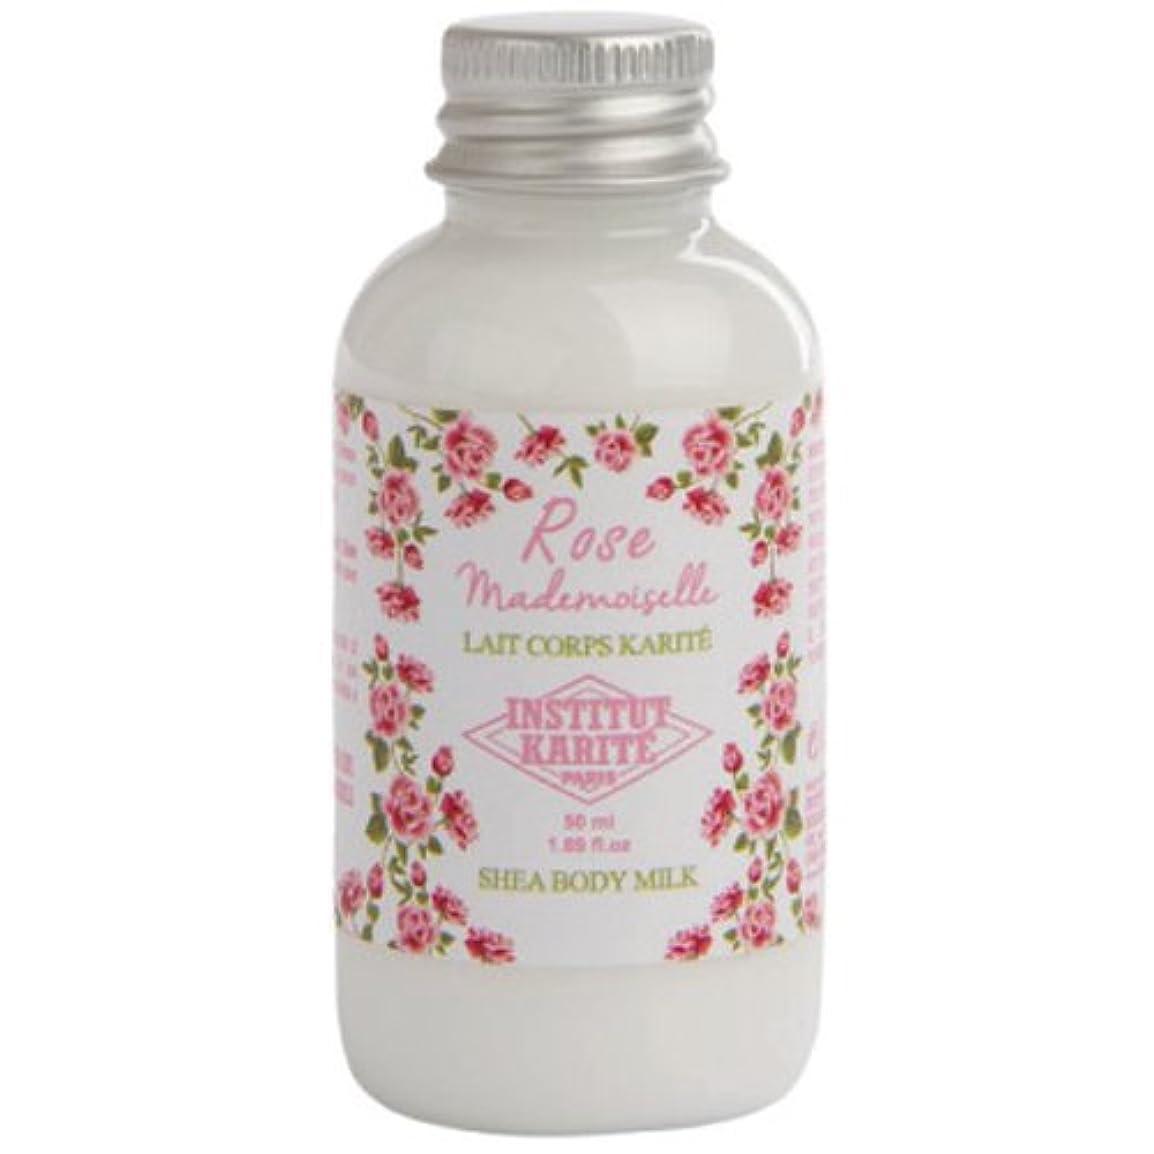 発火する試み恥ずかしいINSTITUT KARITE カリテ Rose Mademoiselle クラシックローズ Travel Shea Body Milk 50ml